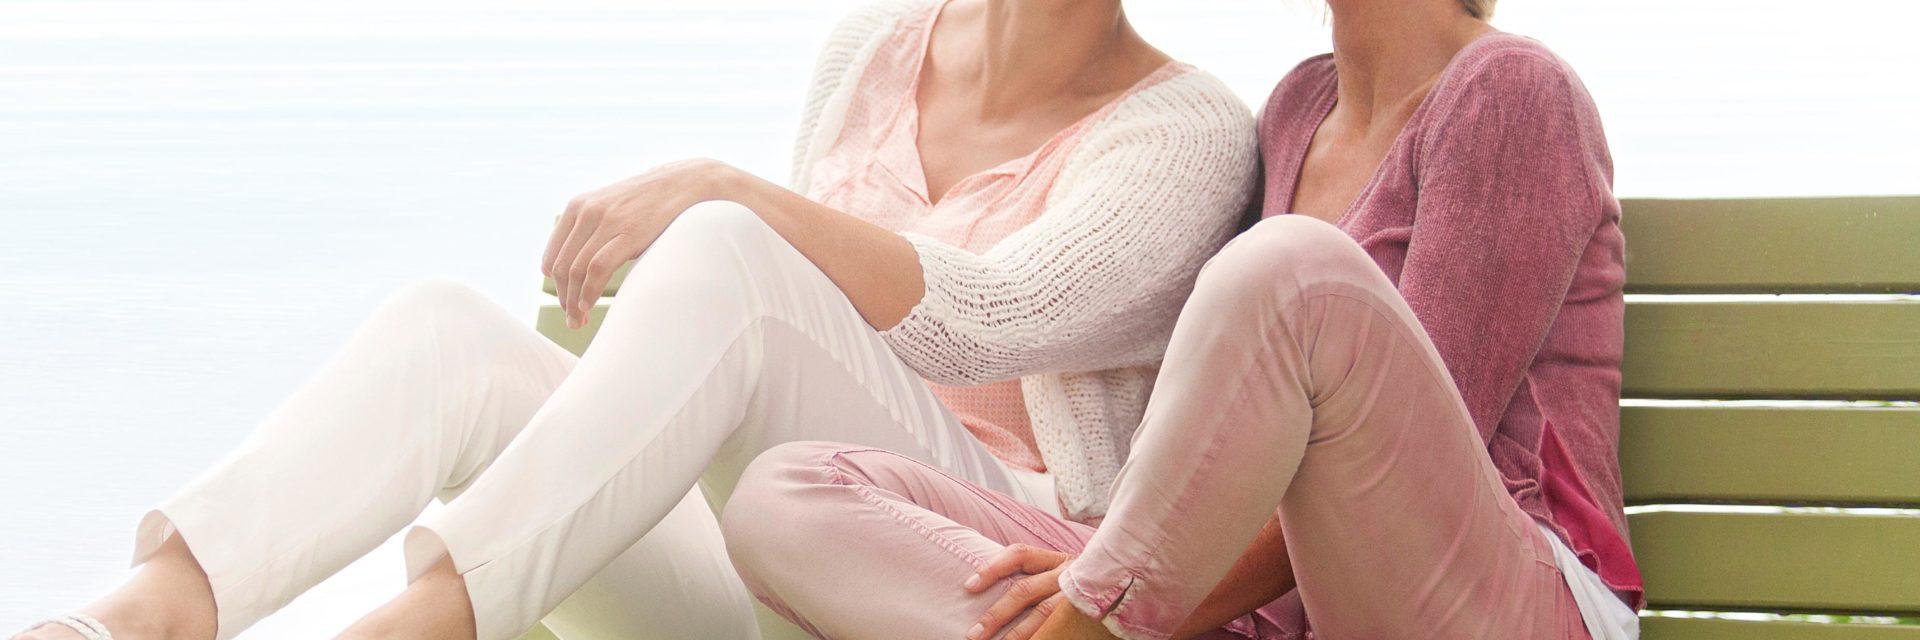 Catalogo de productos para mujeres mastectomizadas